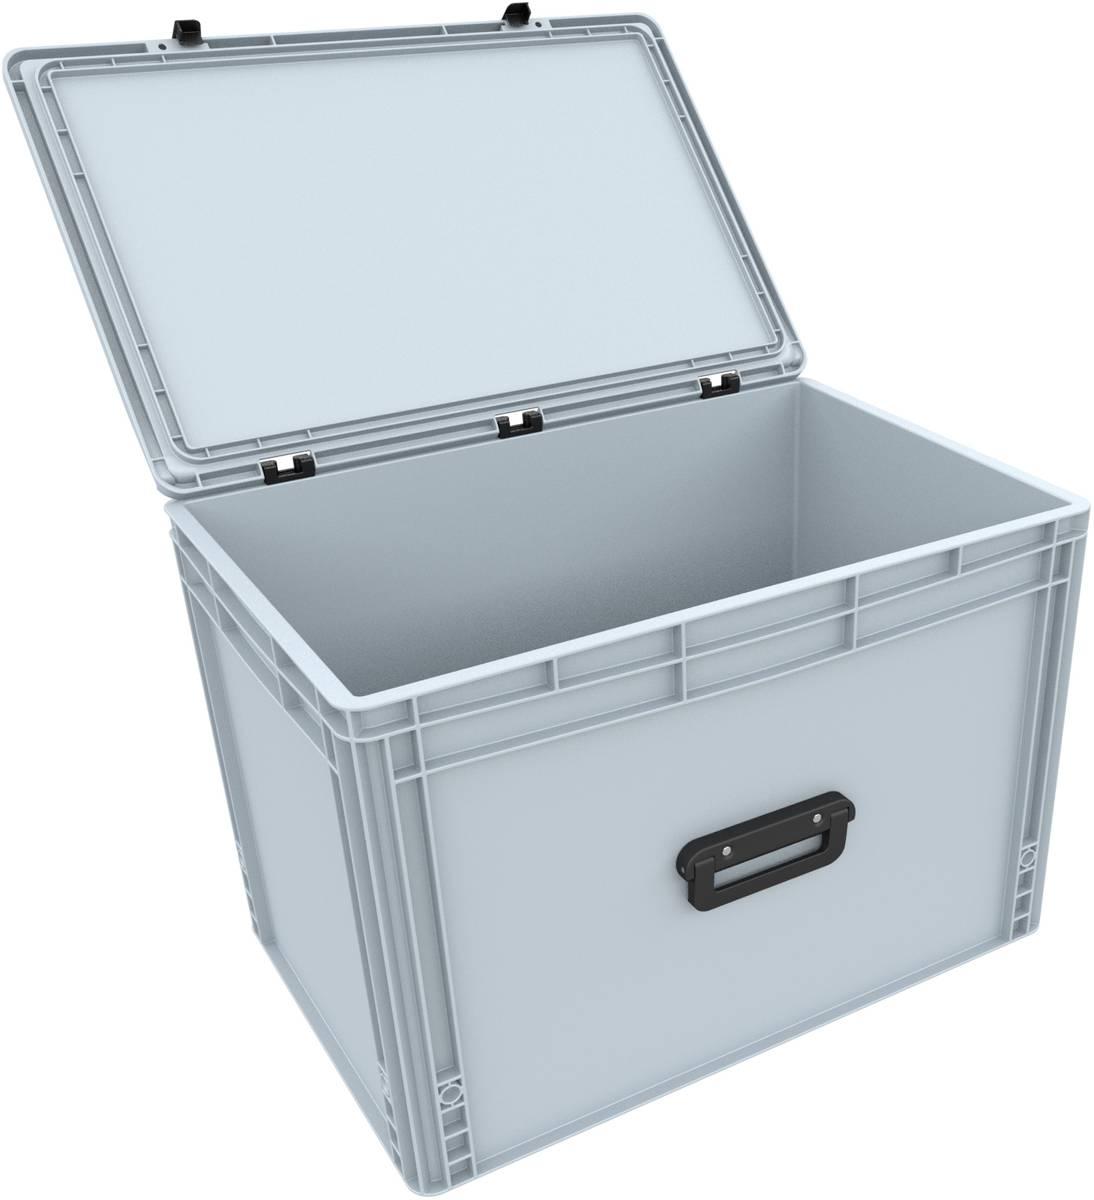 DSEB415G Eurobehälter Koffer mit Griff ED 64/42 1G